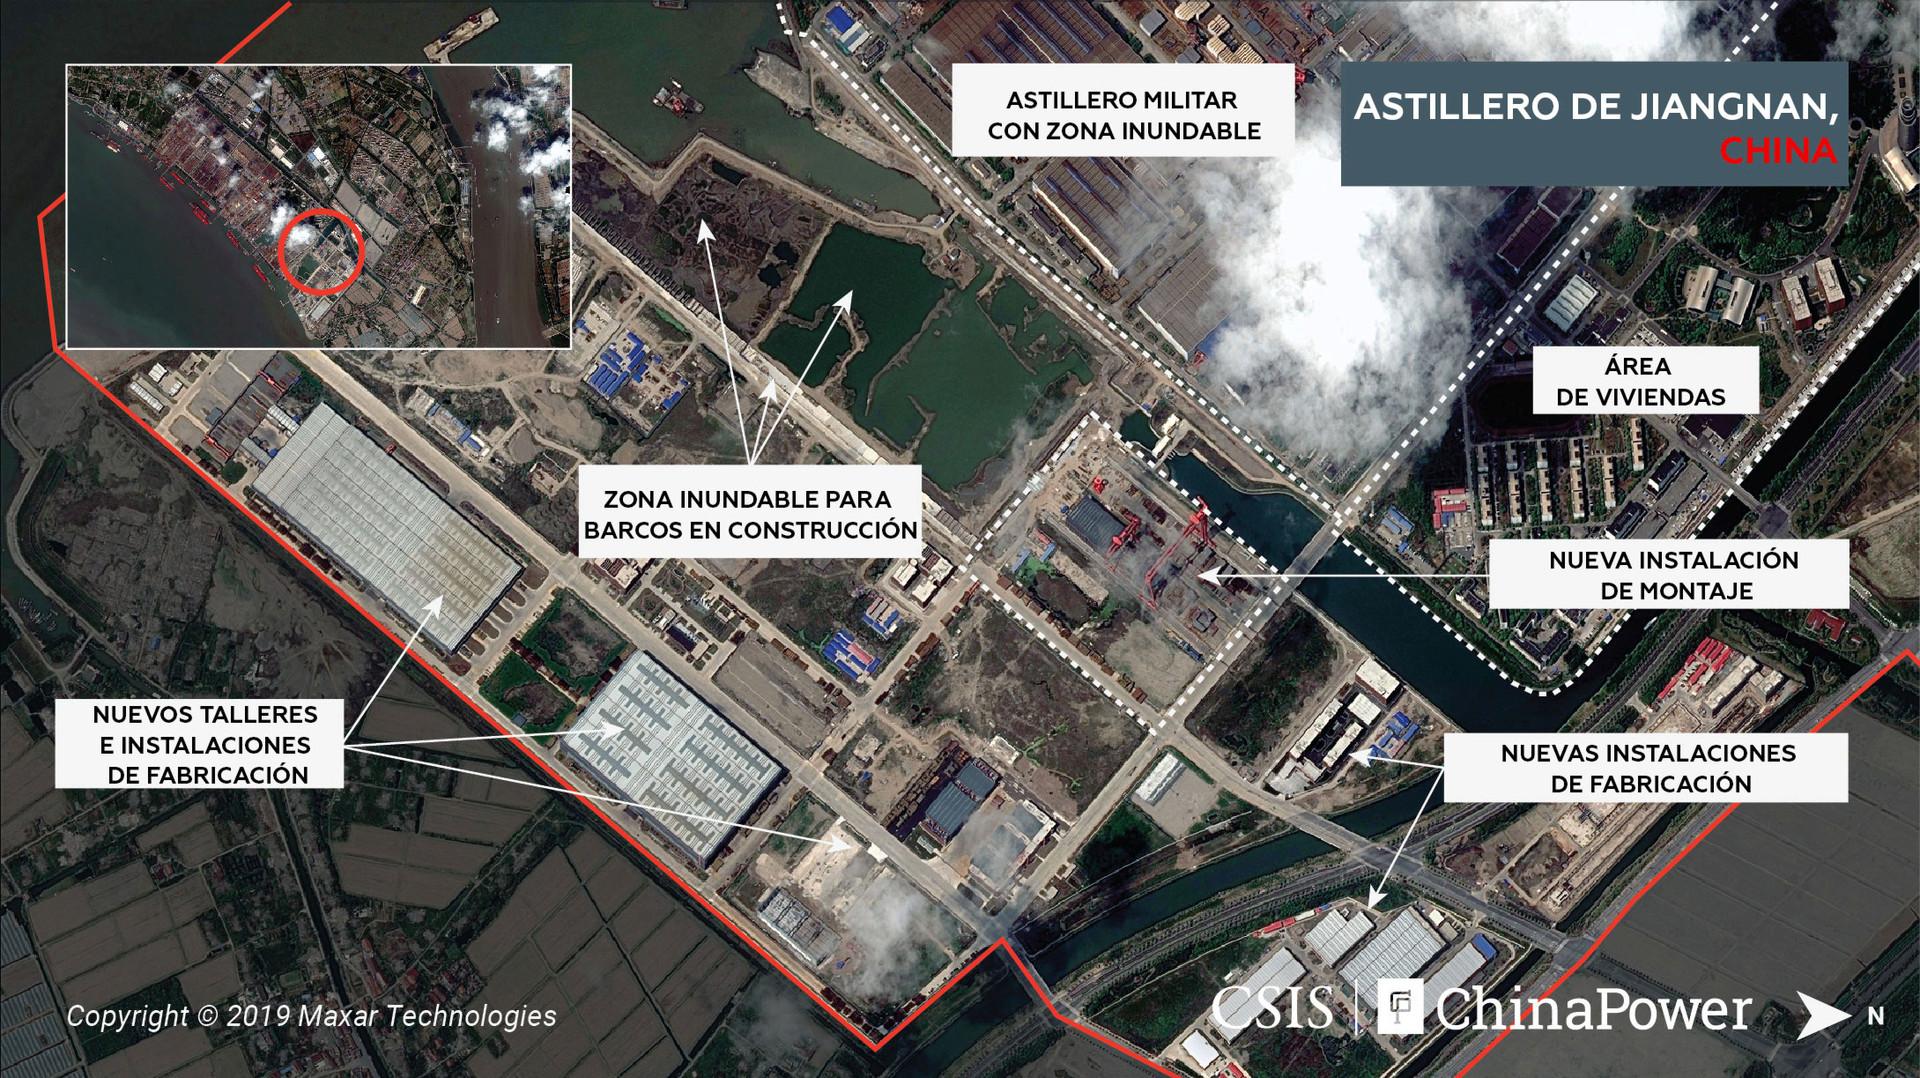 Portaaviones  Chinos  Noticias,comentarios,fotos,videos.  - Página 3 5cd1bf46e9180f1b7f8b4568